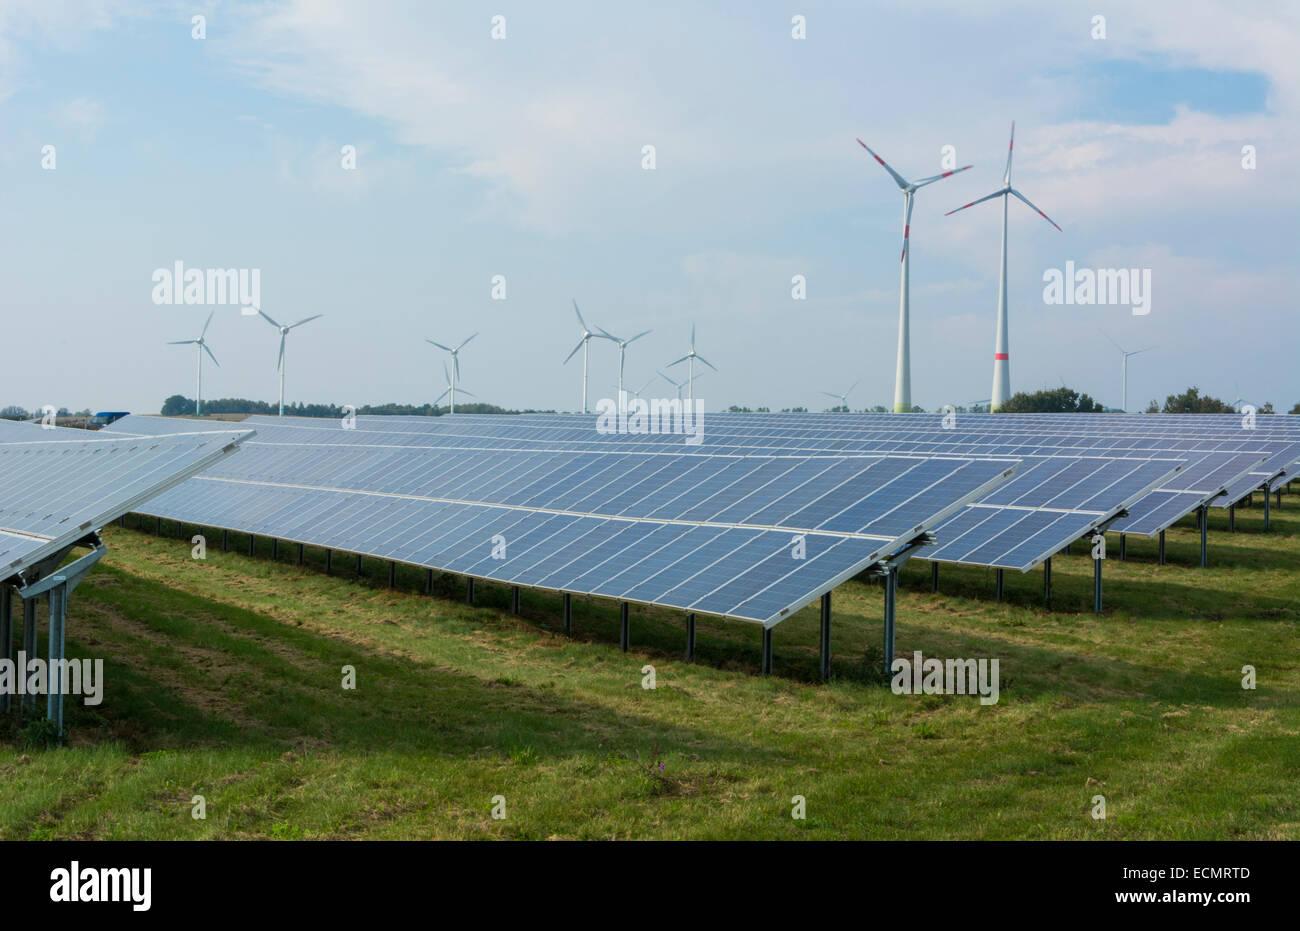 Allemagne Les Éoliennes et panneaux solaires pour l'écologie dans le champ vert près de Hambourg Banque D'Images